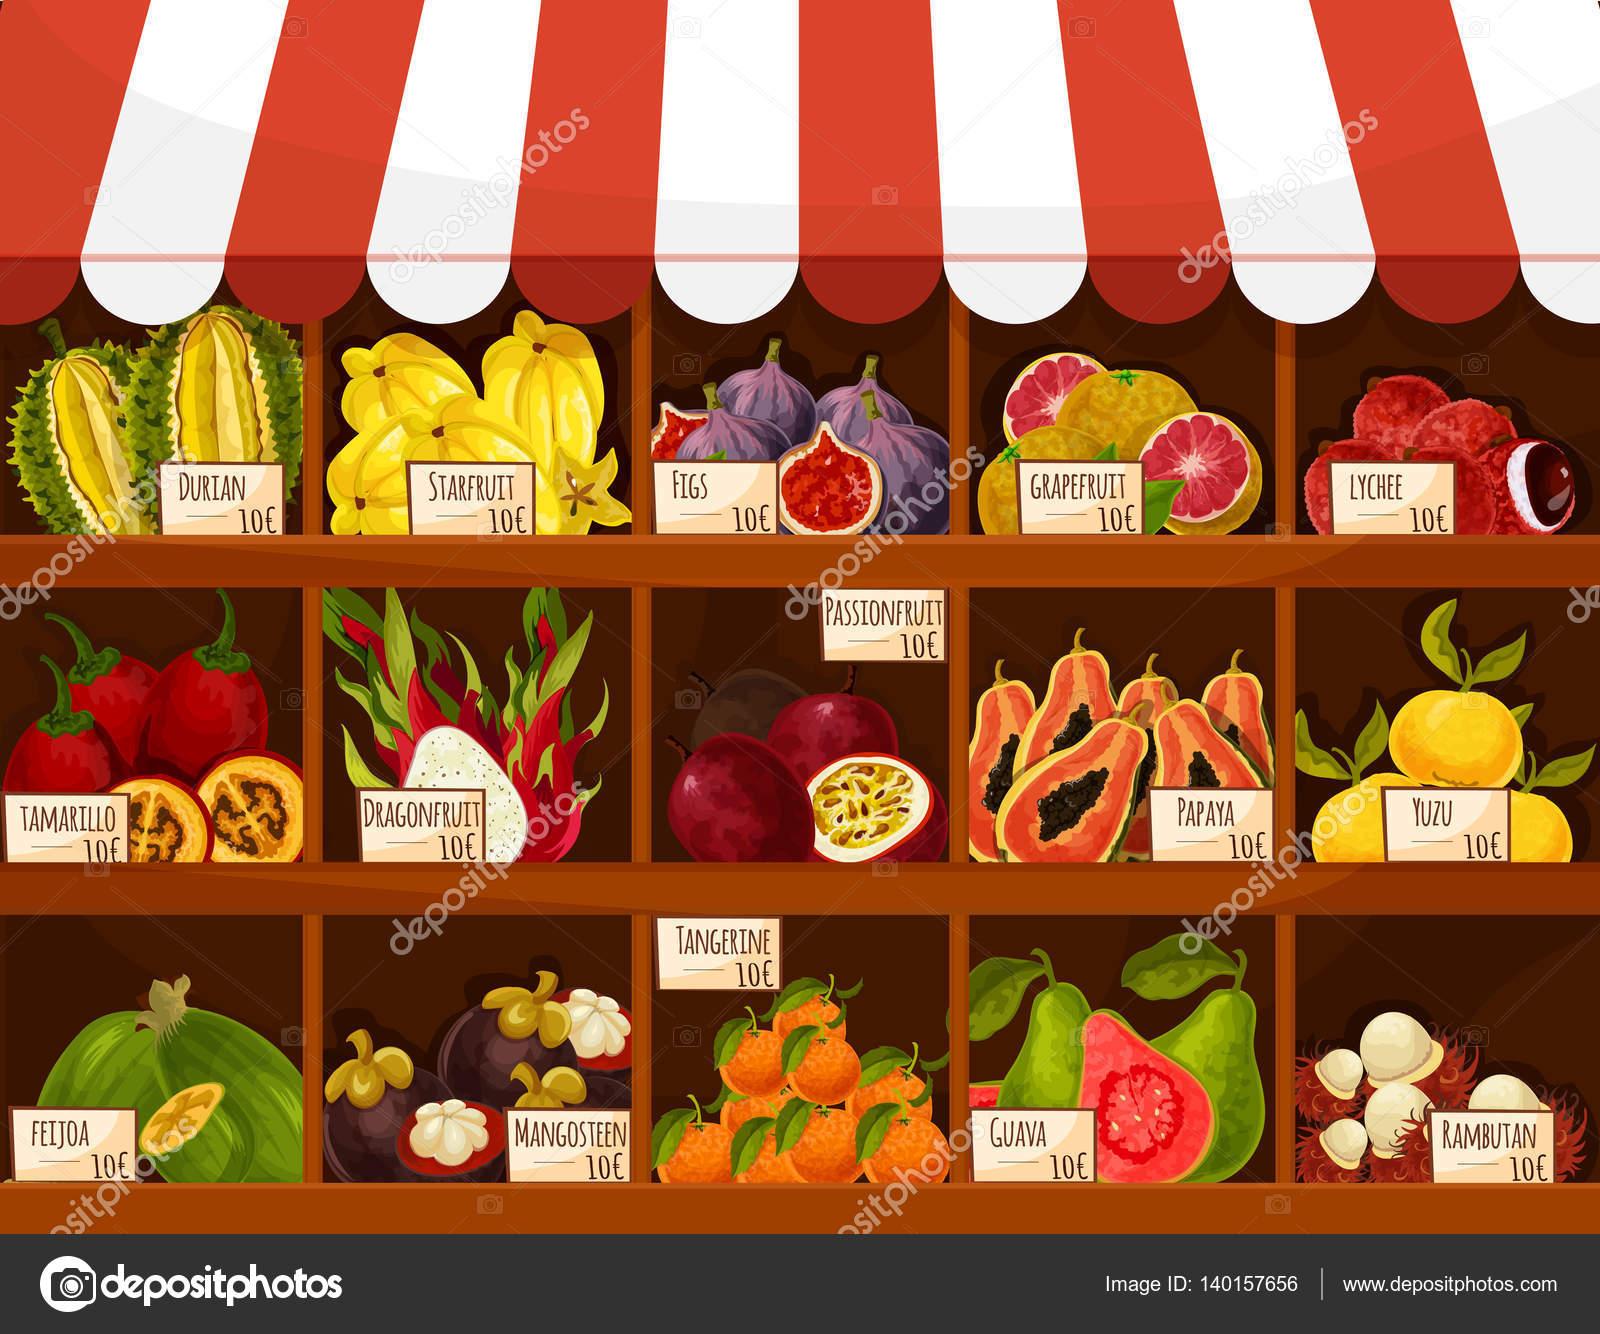 Negozio o mercato frutta esotica vettoriale stand display for Feijoa frutto prezzo